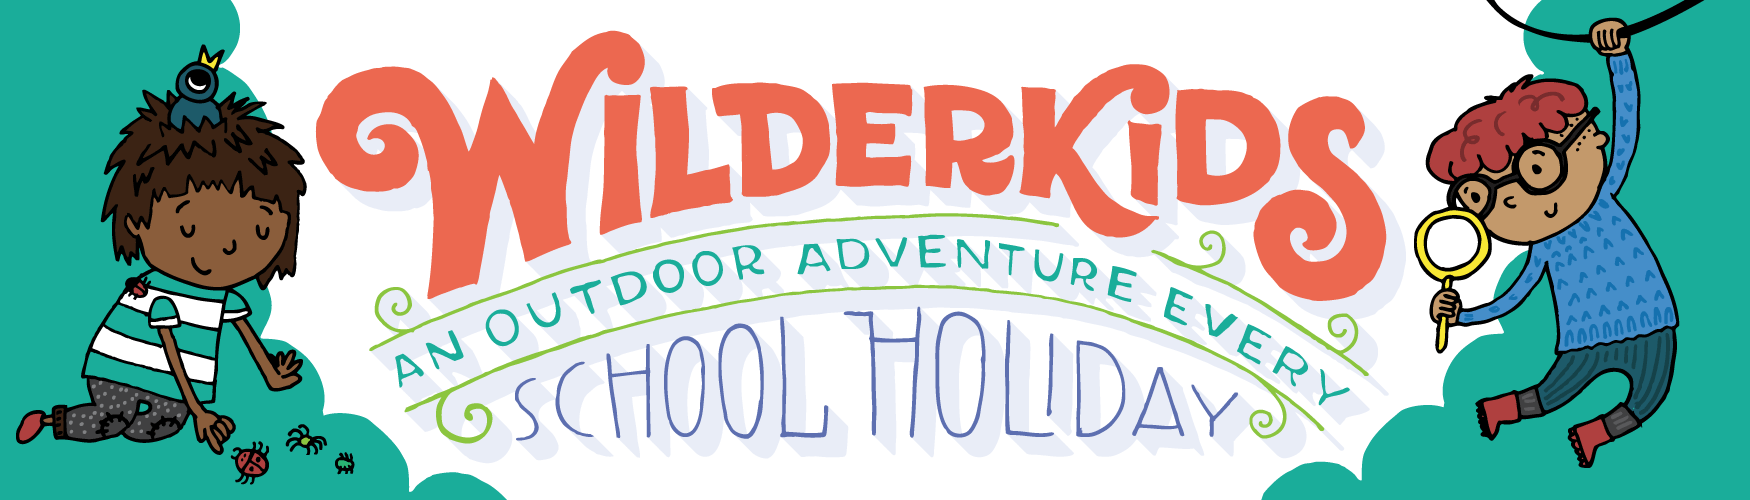 Wilderkids banner ad